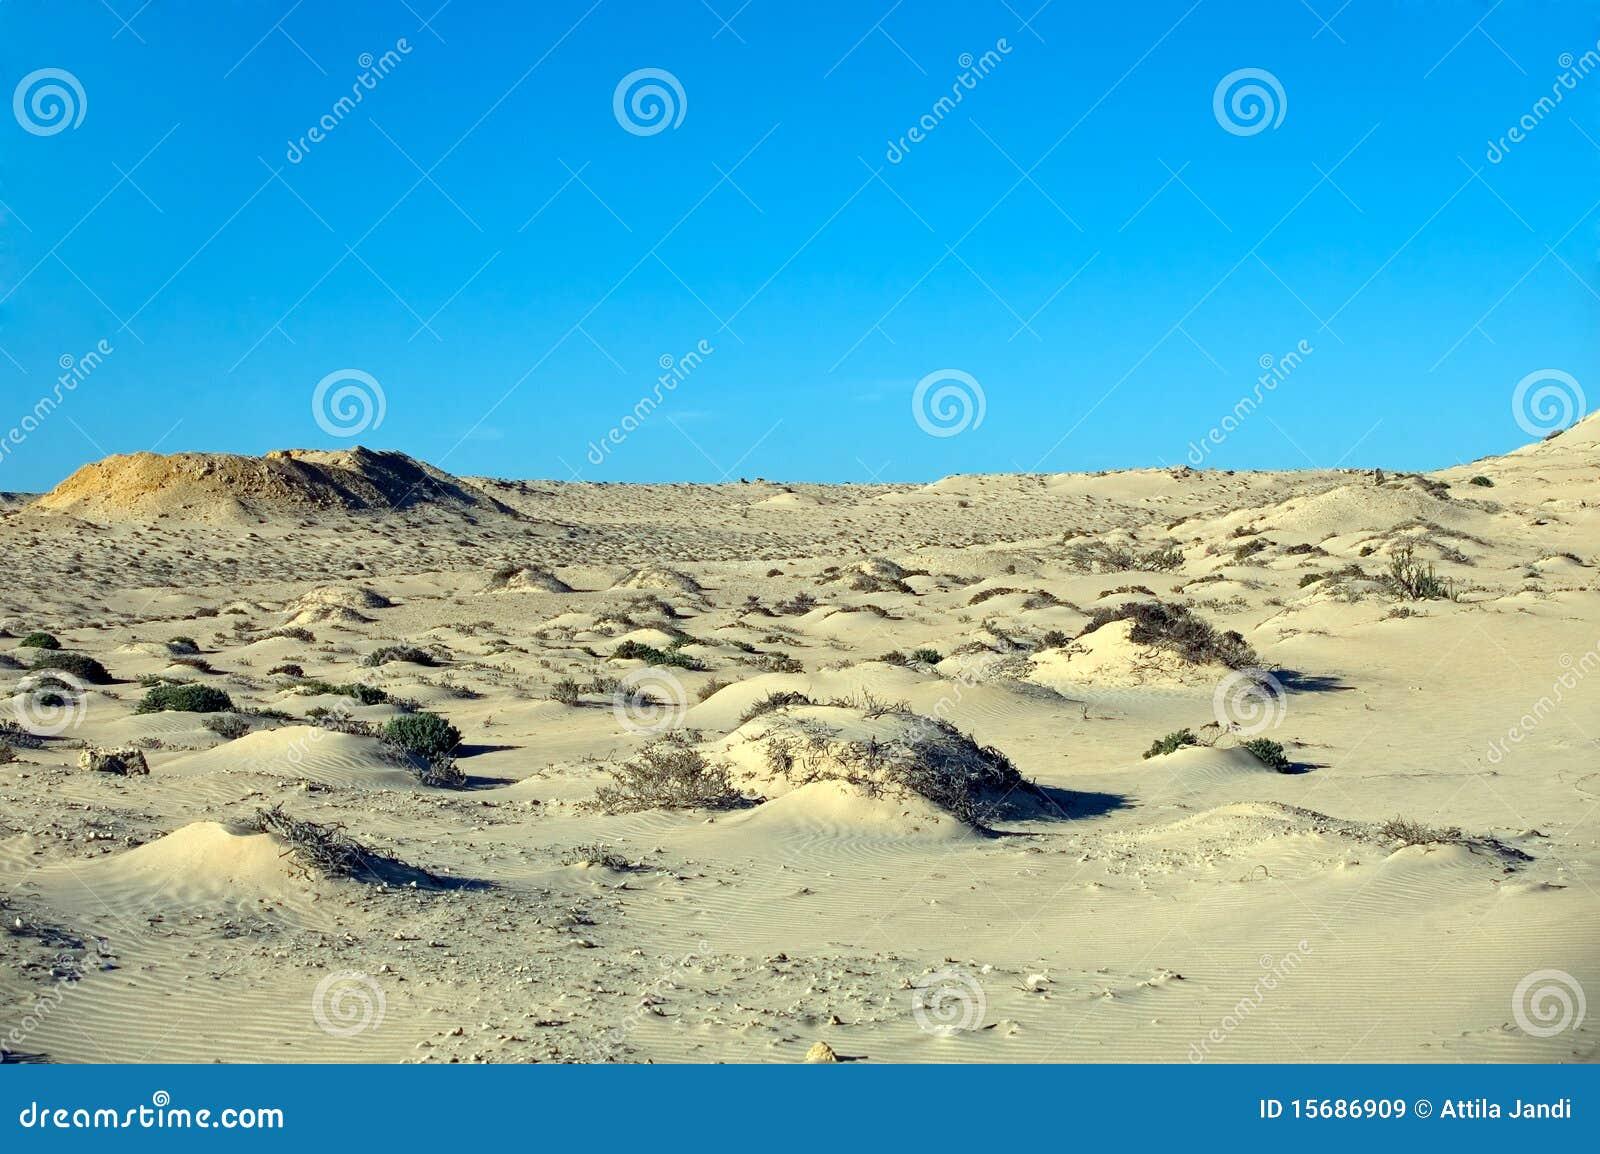 沙漠西部的撒哈拉大沙漠